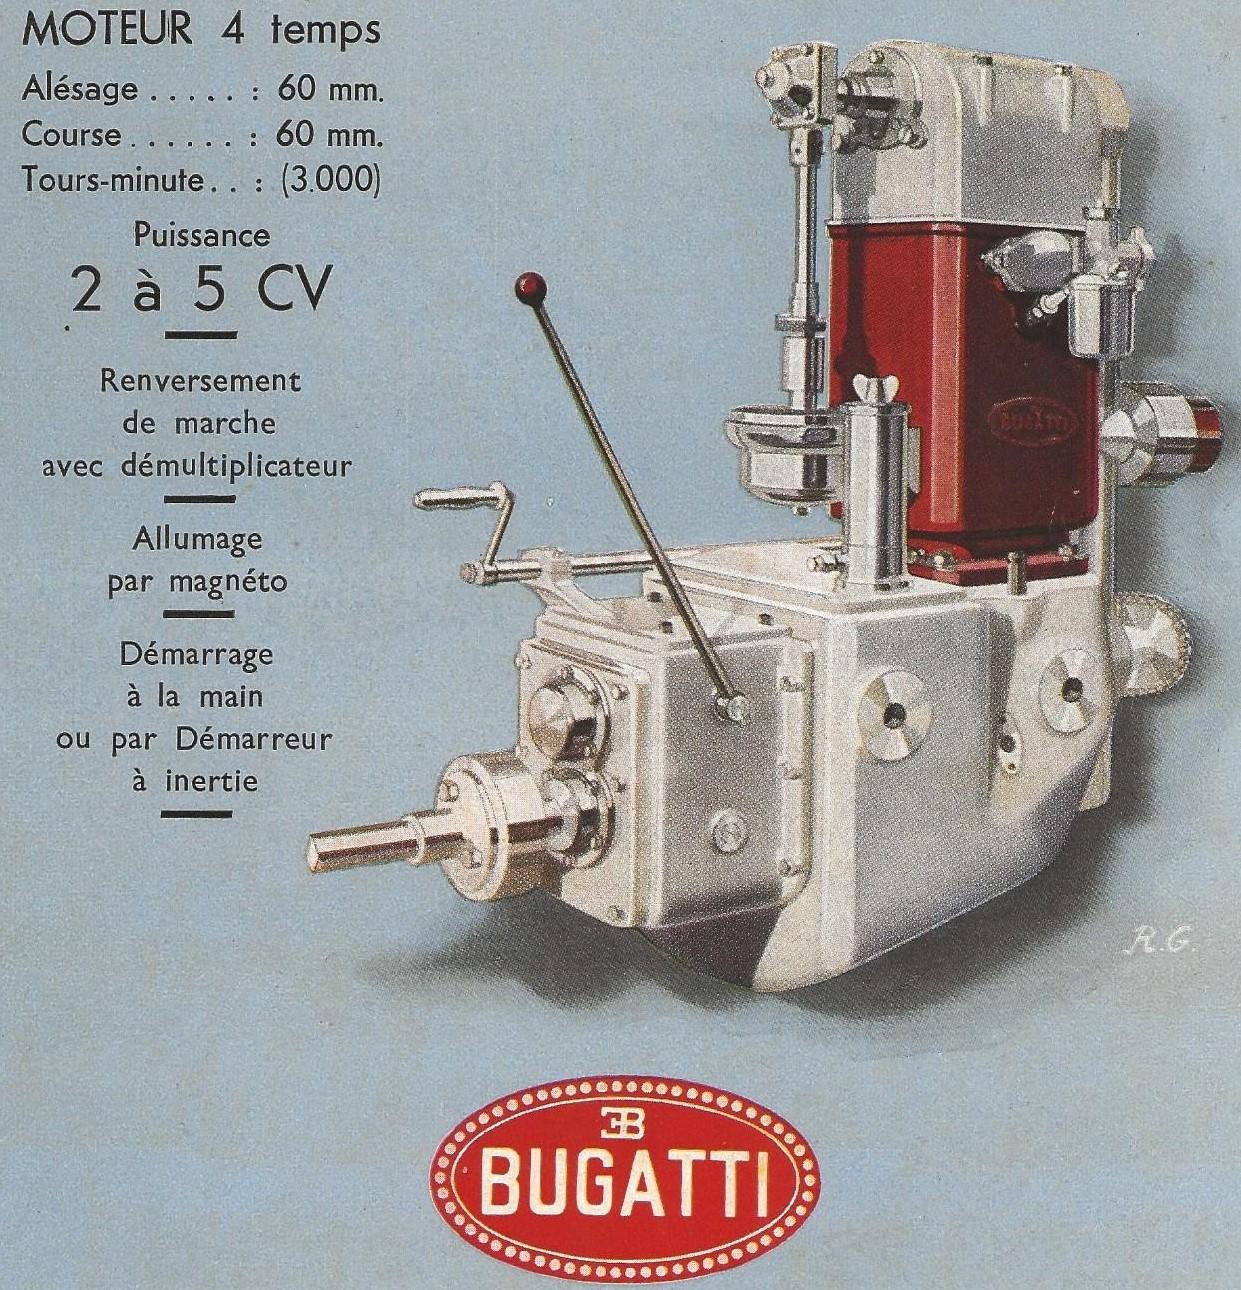 «Bugatti, qui touche à tout, fait mieux que tout le monde» Serge Pozzoli